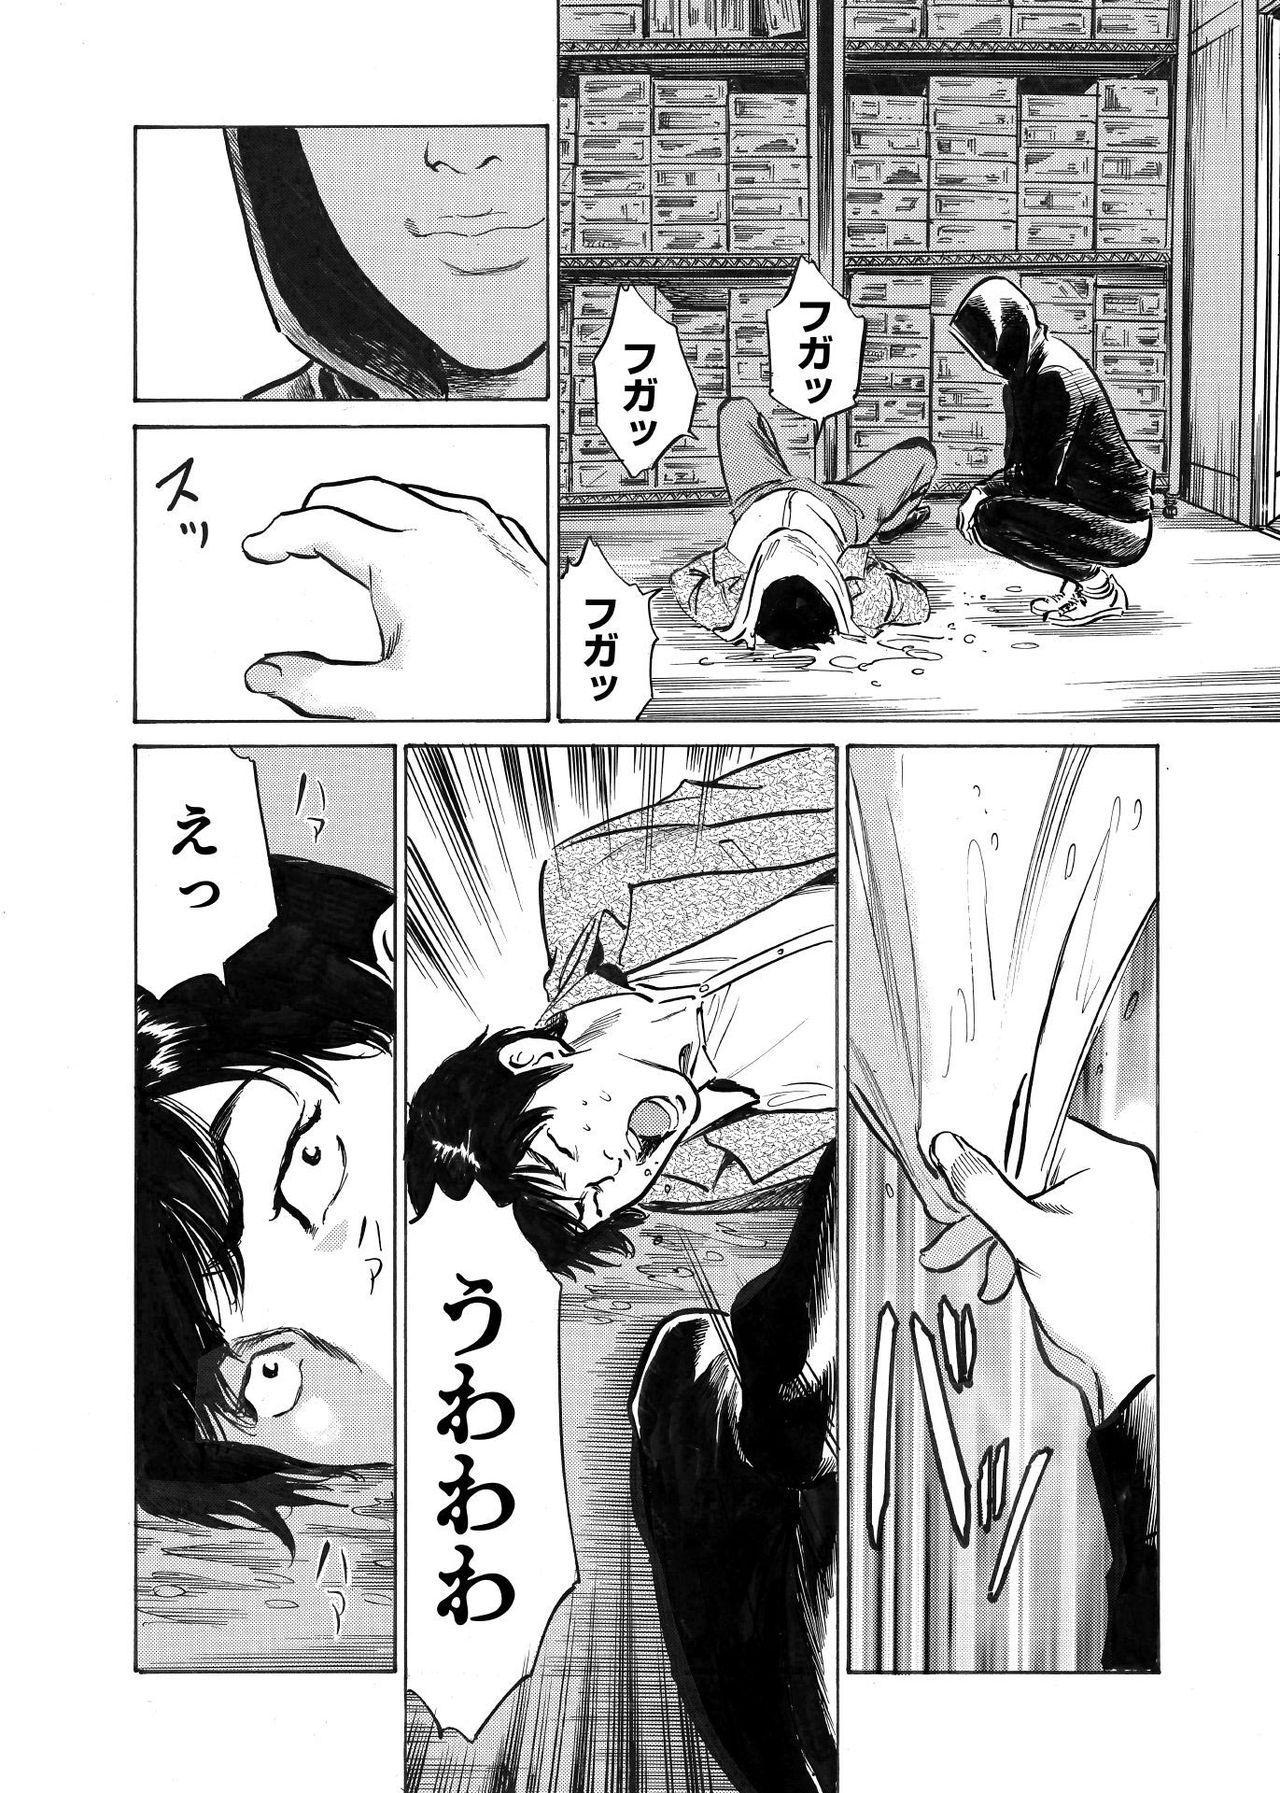 Ore wa Tsuma no Koto o Yoku Shiranai 1-9 57